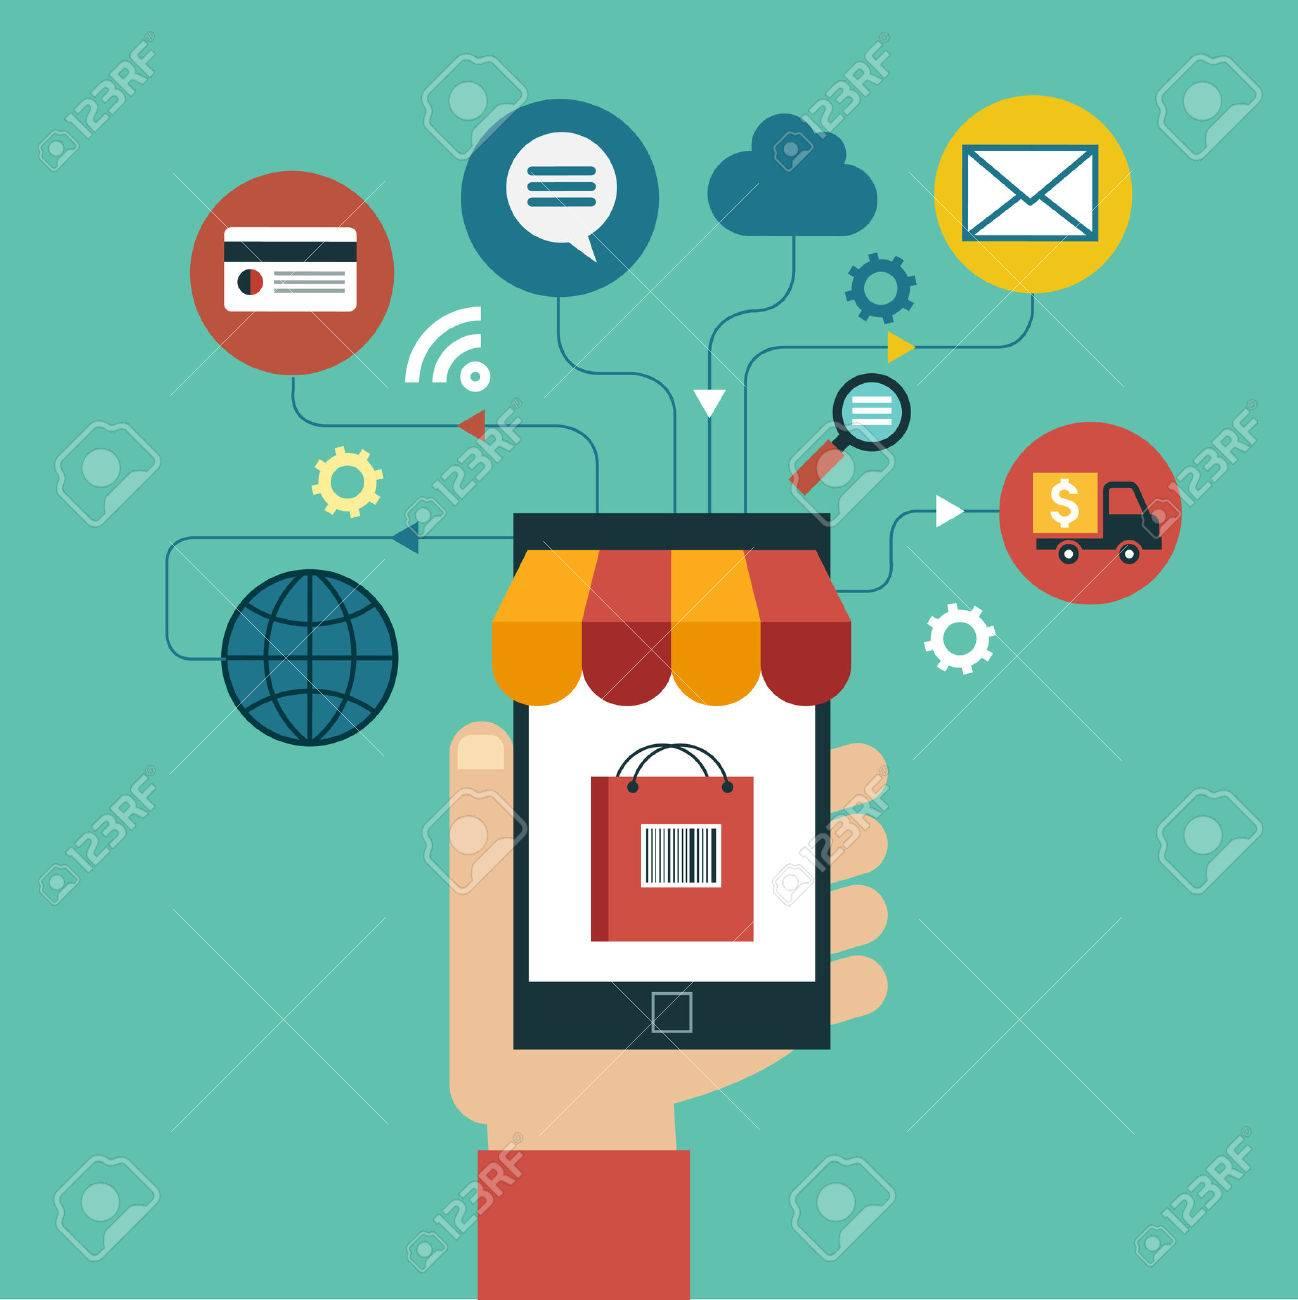 E-Commerce-Konzept. Flaches Design Vektor-Illustration. Menschliche Hand mit Handy, Tablet, Laptop und Interface-Icons Standard-Bild - 46515332